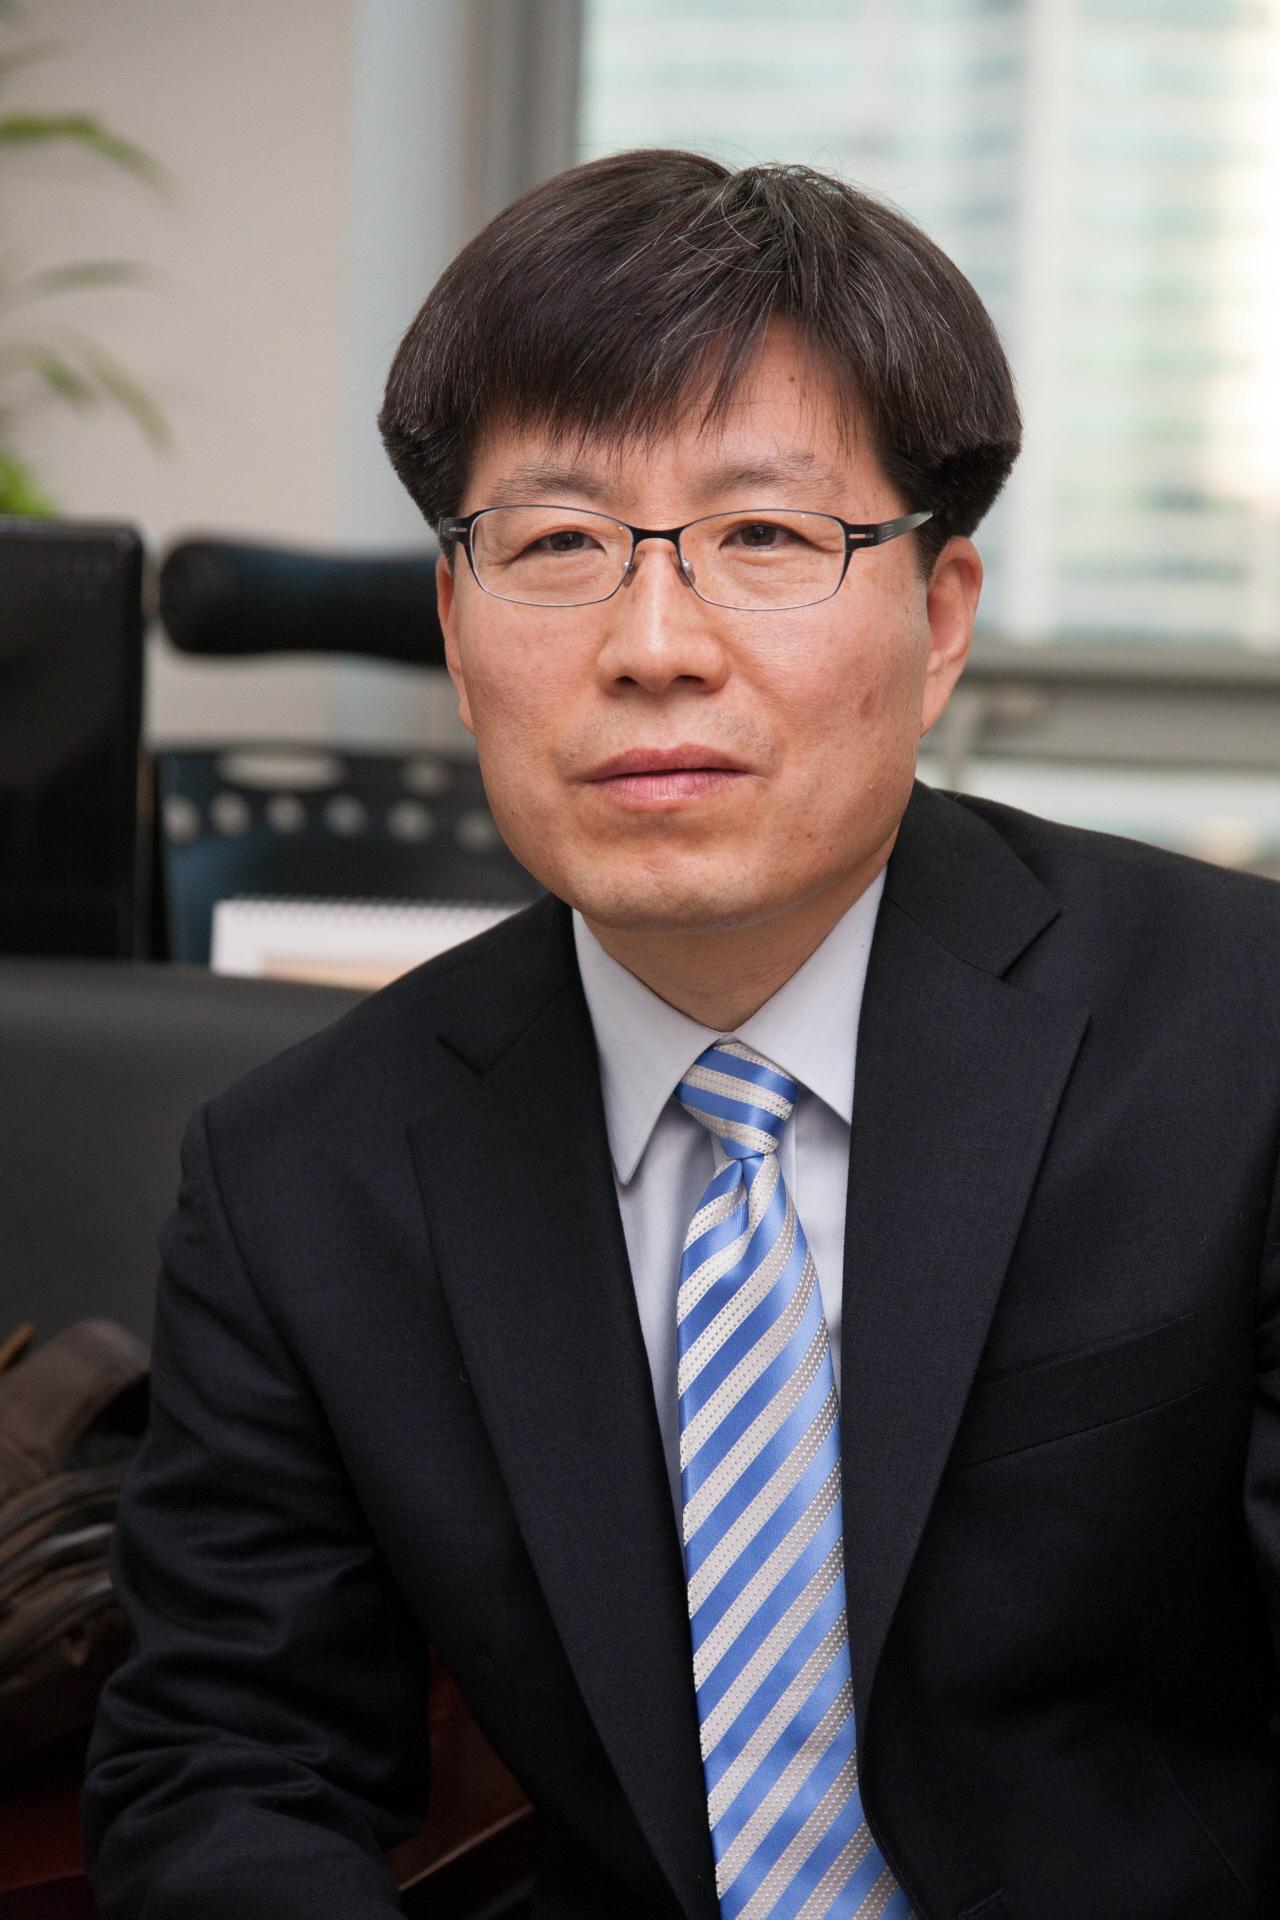 손관수 신임 방송기자연합회장